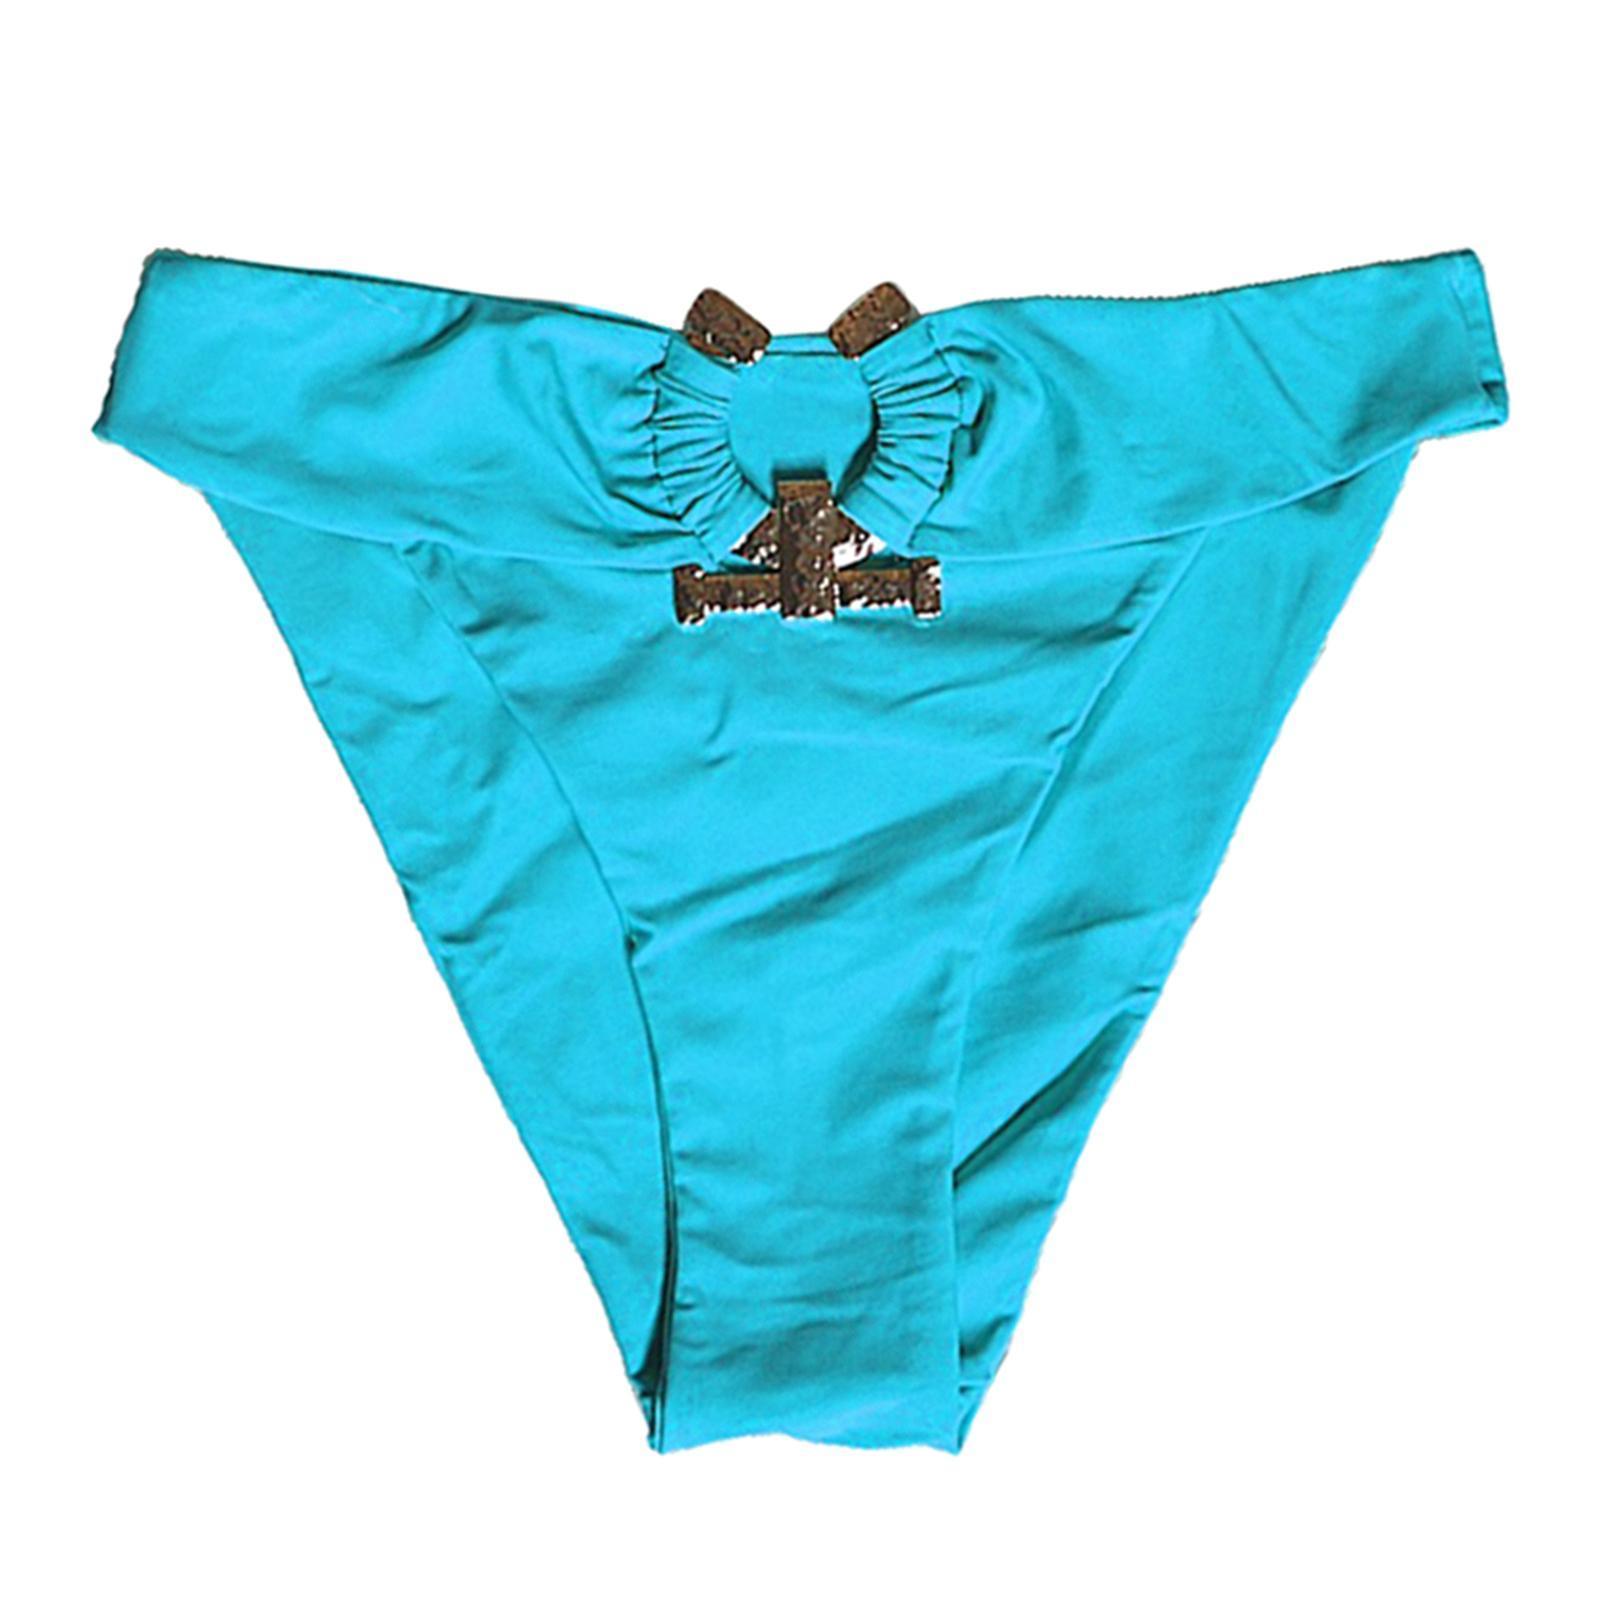 Indexbild 139 - Zwei Stücke Bikini Set Strappy Bademode Party Badeanzug Tankini Bademode